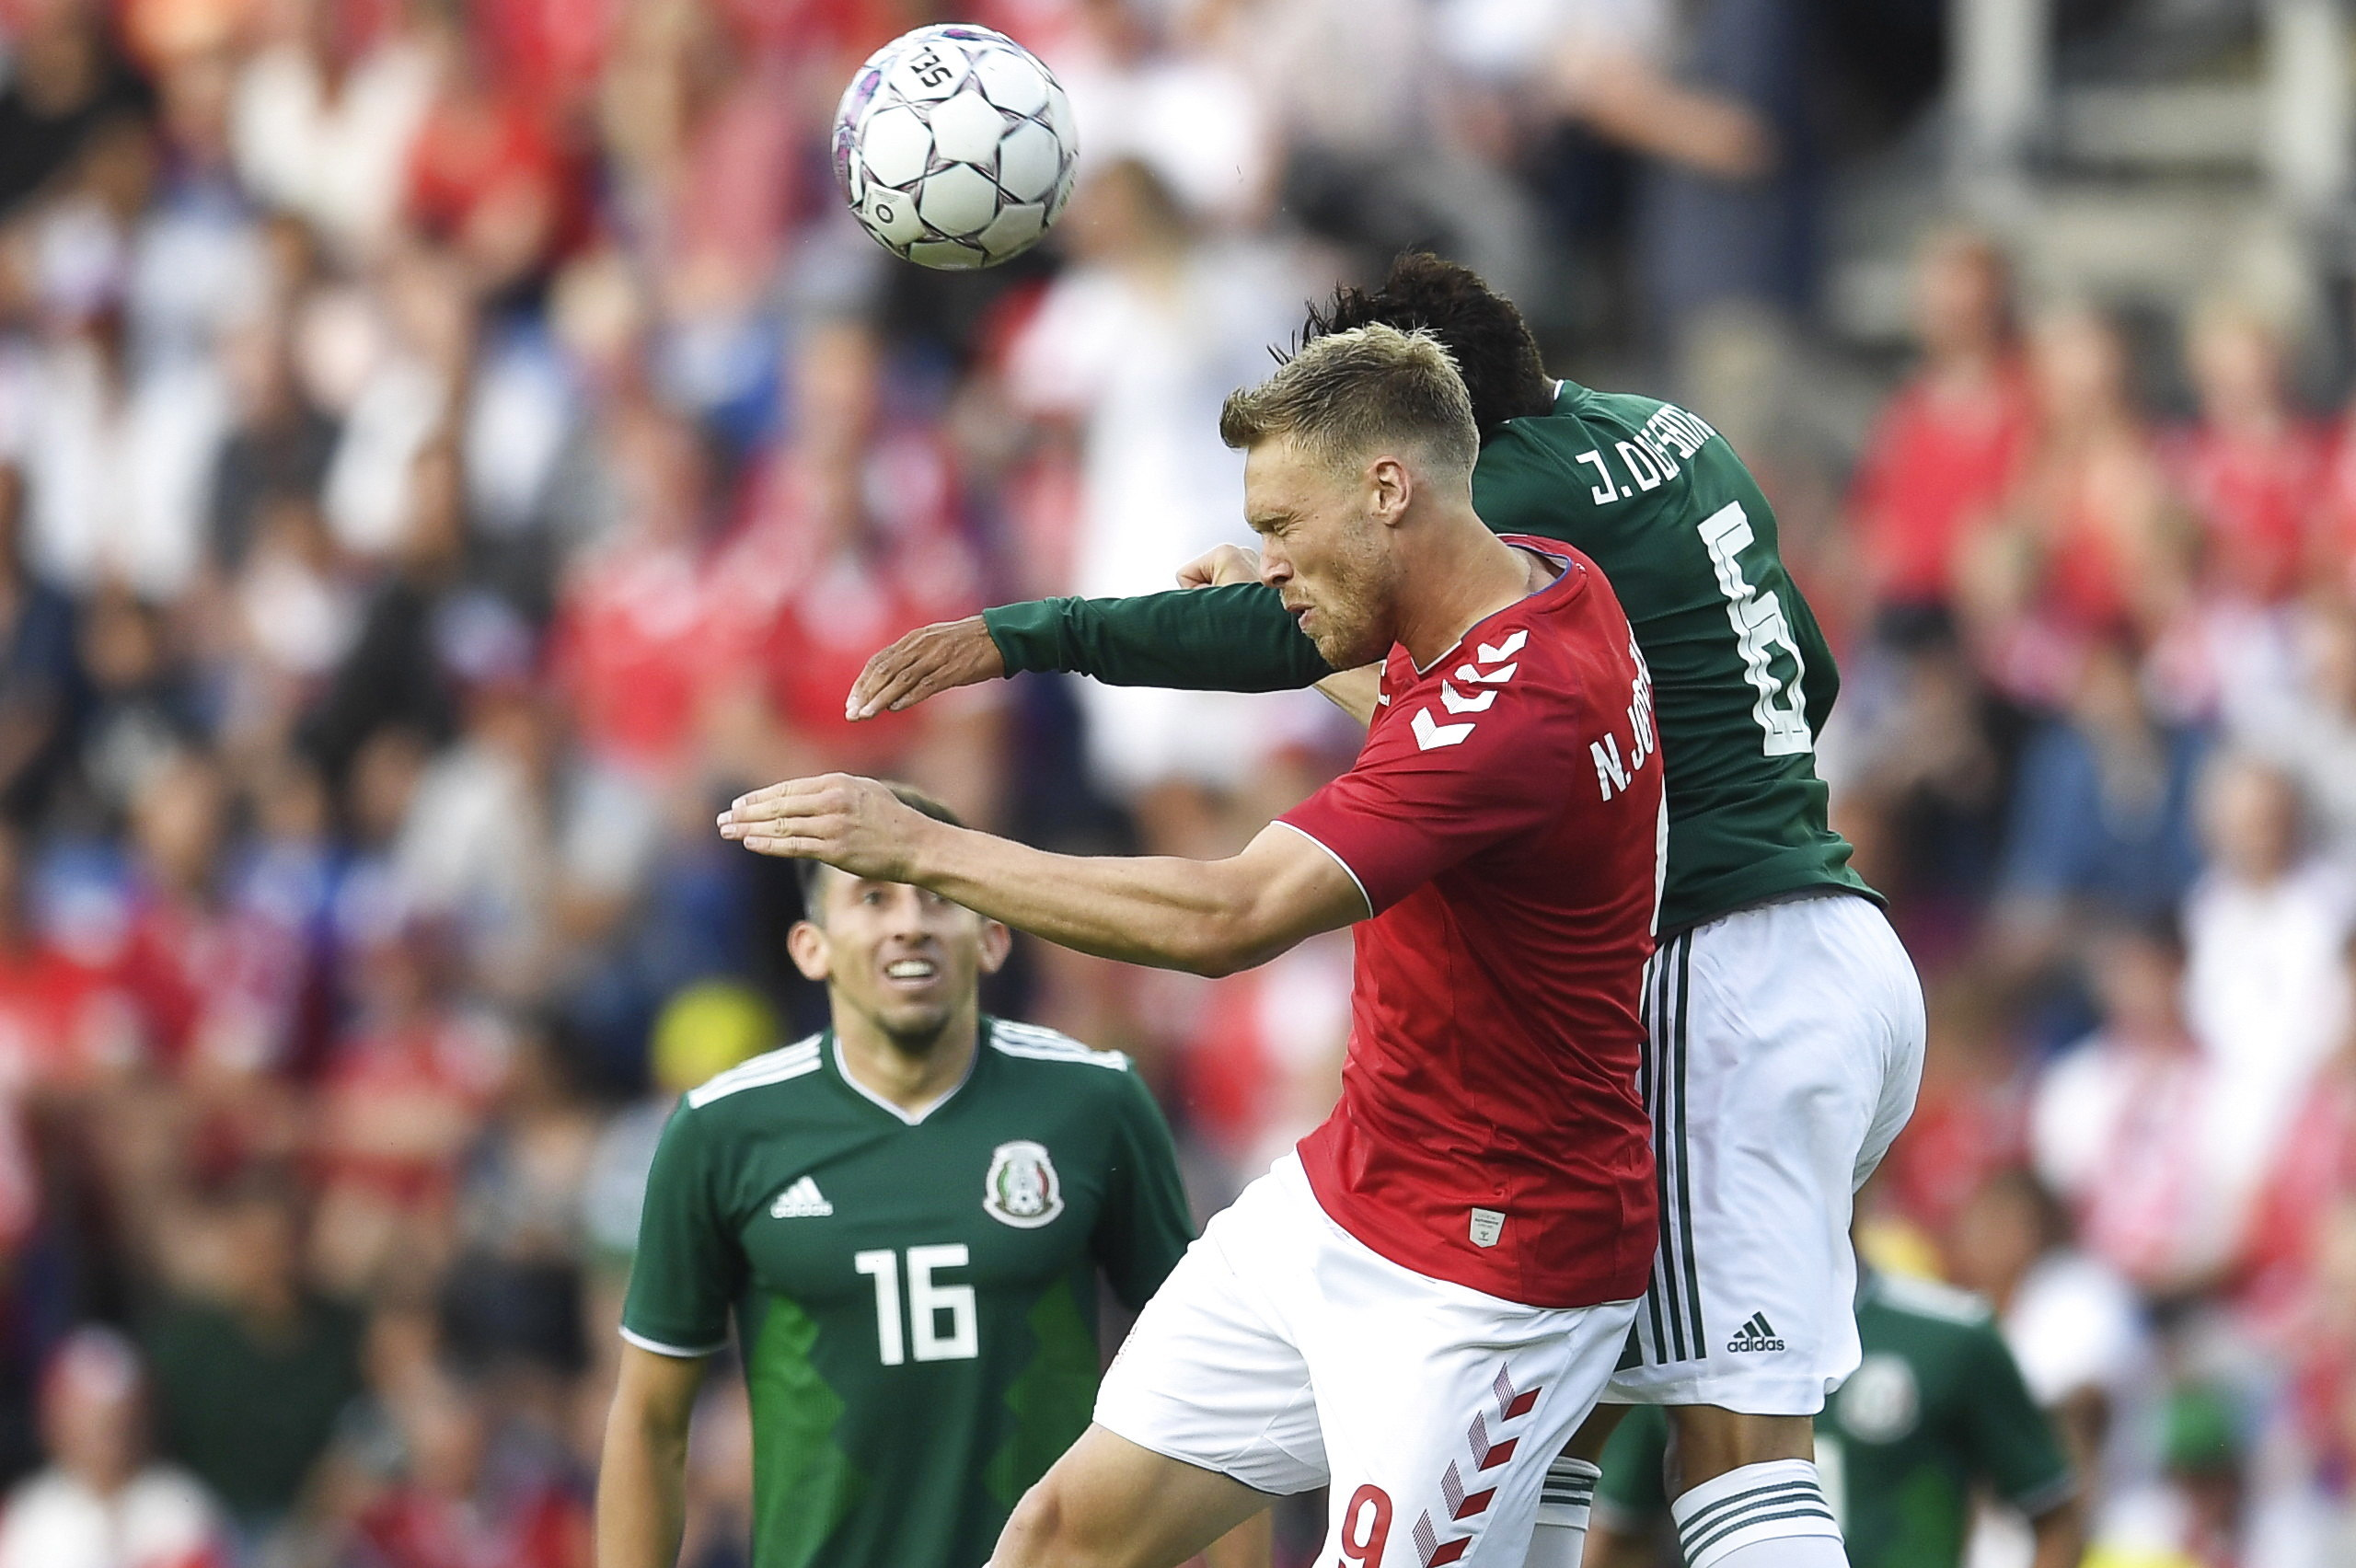 Dinamarca enfrenta a México en su último partido antes de Rusia 2018